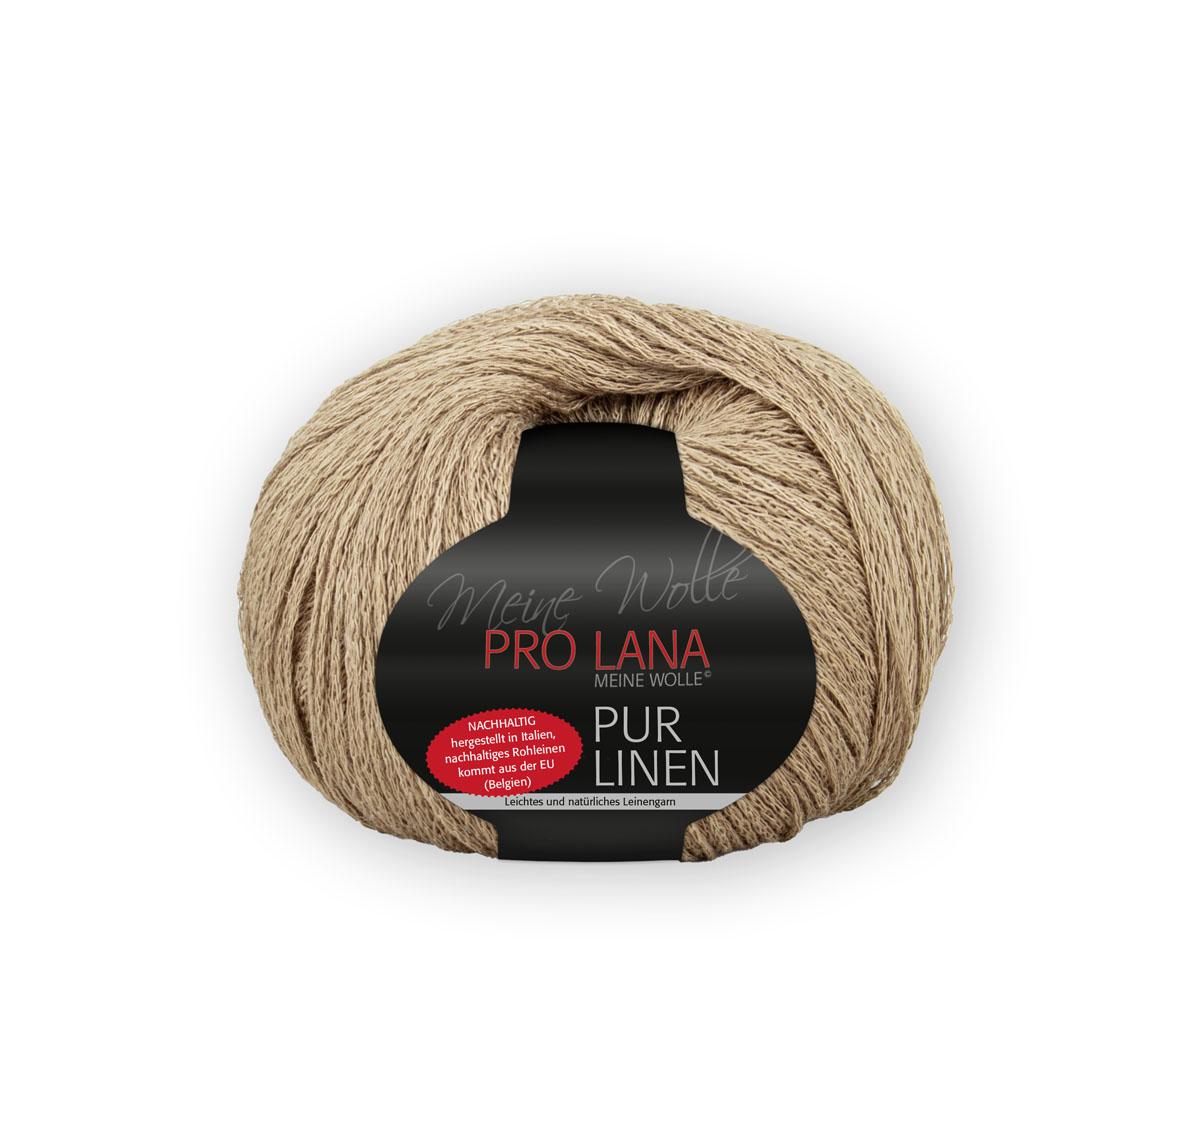 Pro Lana Pur Linen 50g   0,5kg